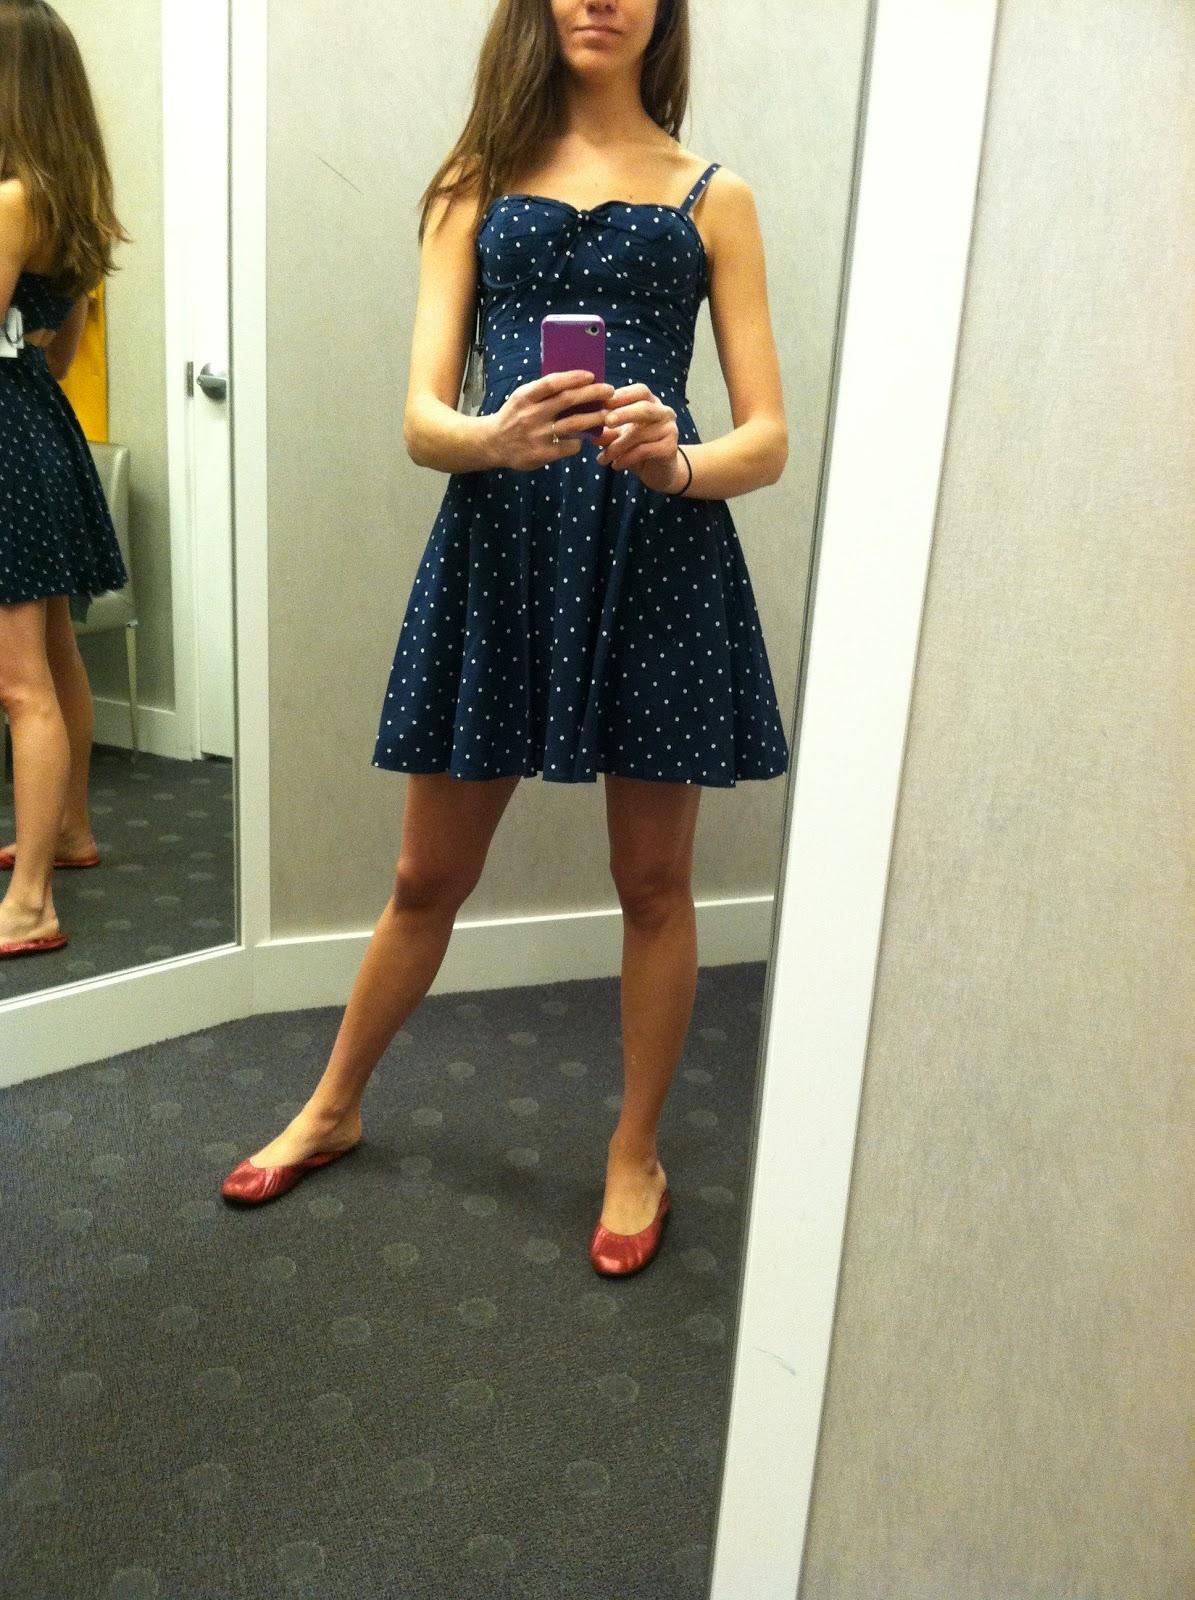 http://4.bp.blogspot.com/-3VgqYHTxc7Q/T5wSRYyekRI/AAAAAAAAAlA/1IpT530yNK4/s1600/dress.jpg